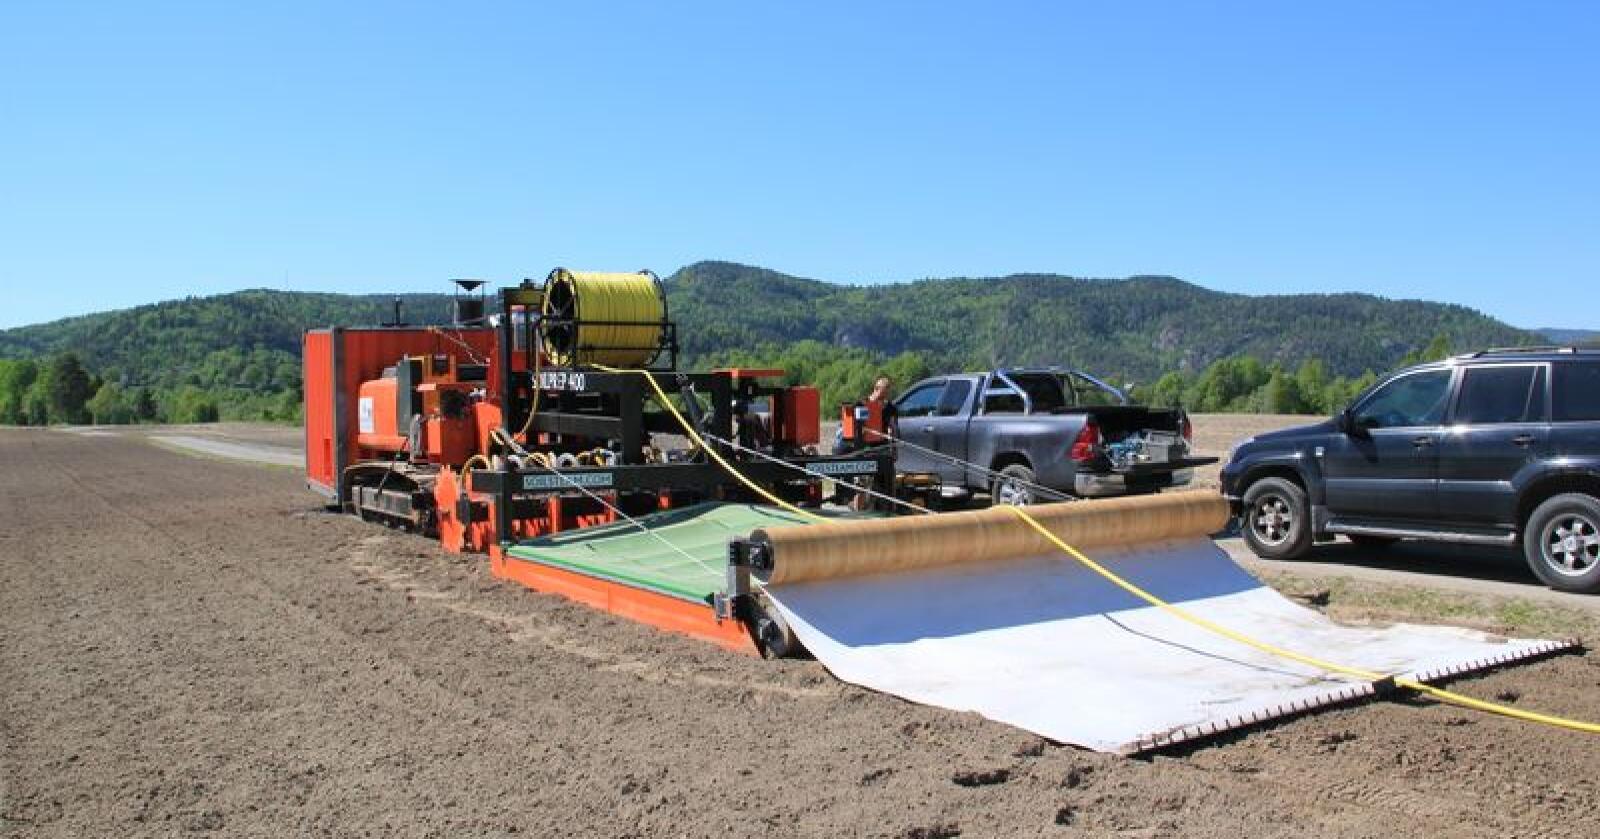 Med denne dampmaskinen håper vestfoldbedriften Soil Steam International at de kan bidra til redusert bruk av plantevernmidler i produksjonen av åkervekster. Foto: Soil Steam International.